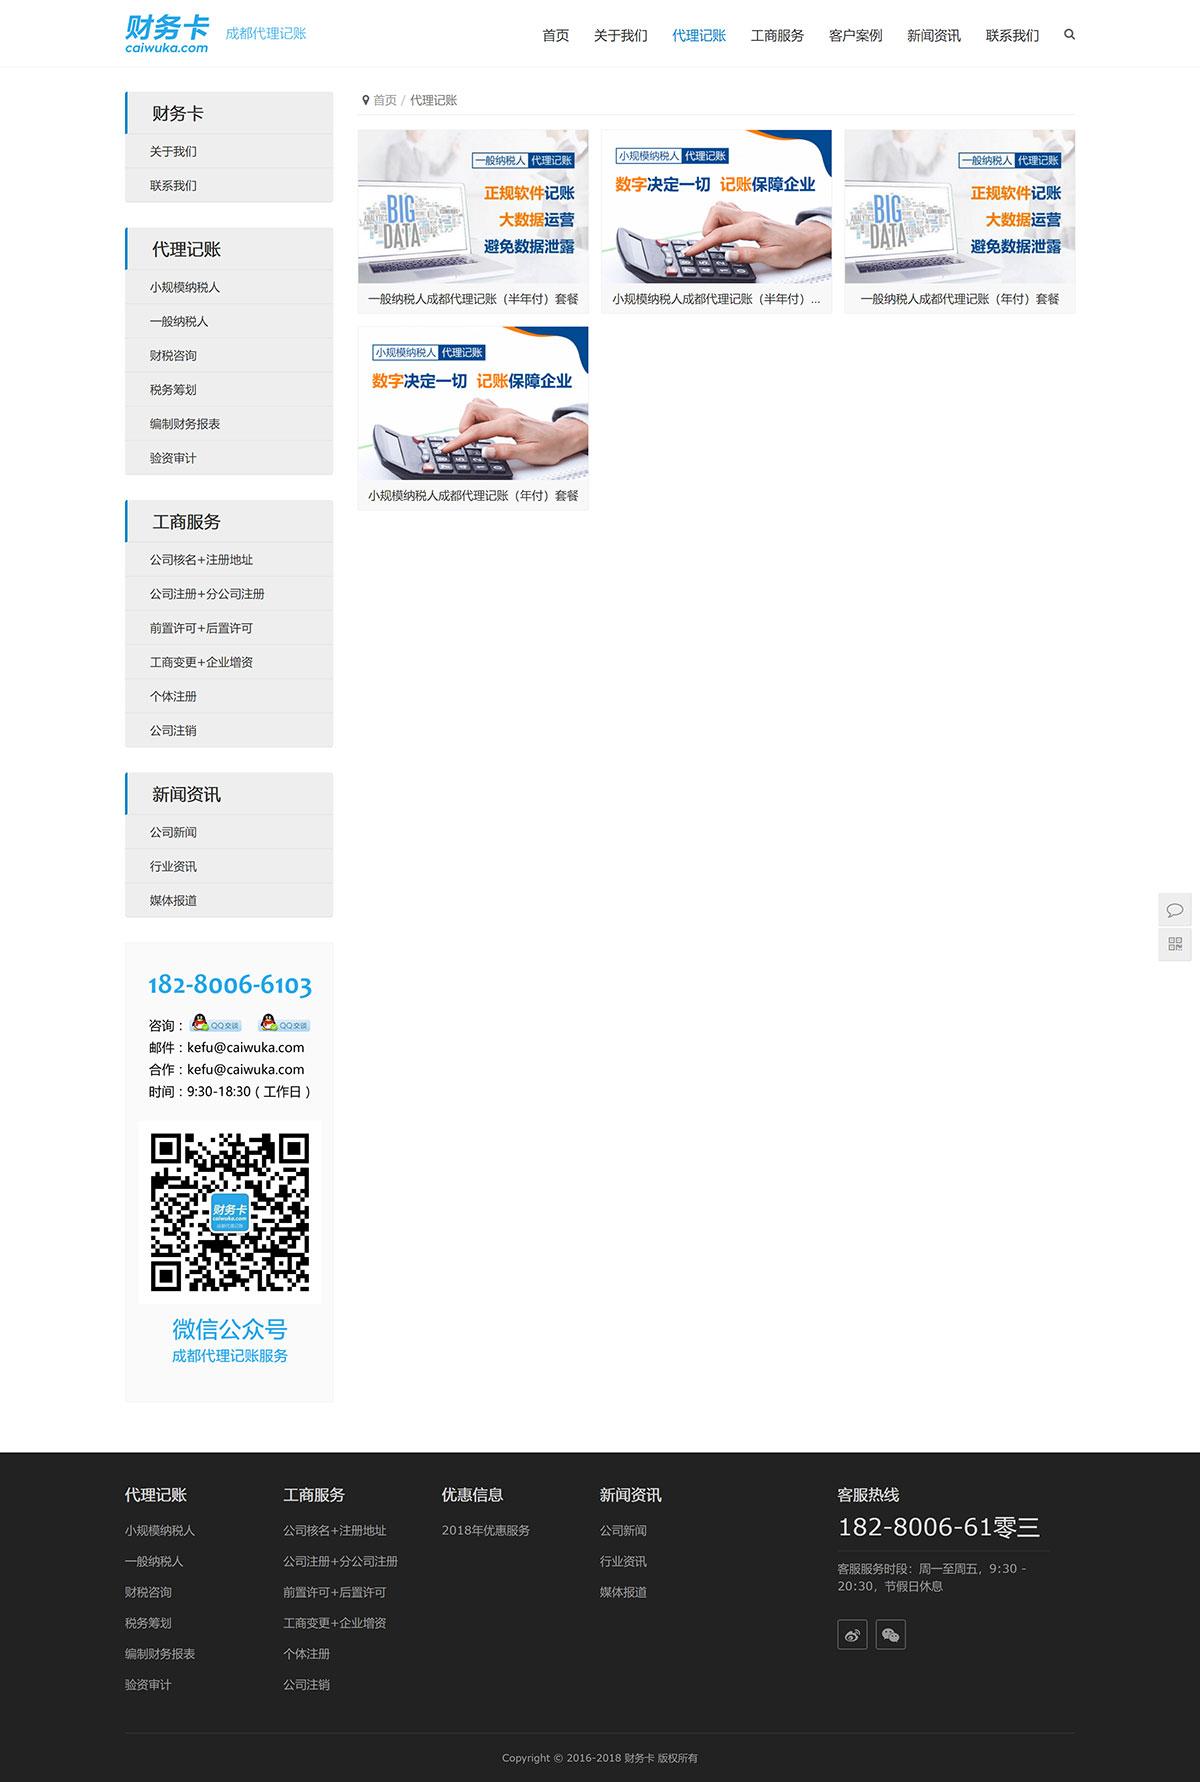 财务卡 caiwuka.com 成都代理记账服务【财务服务】